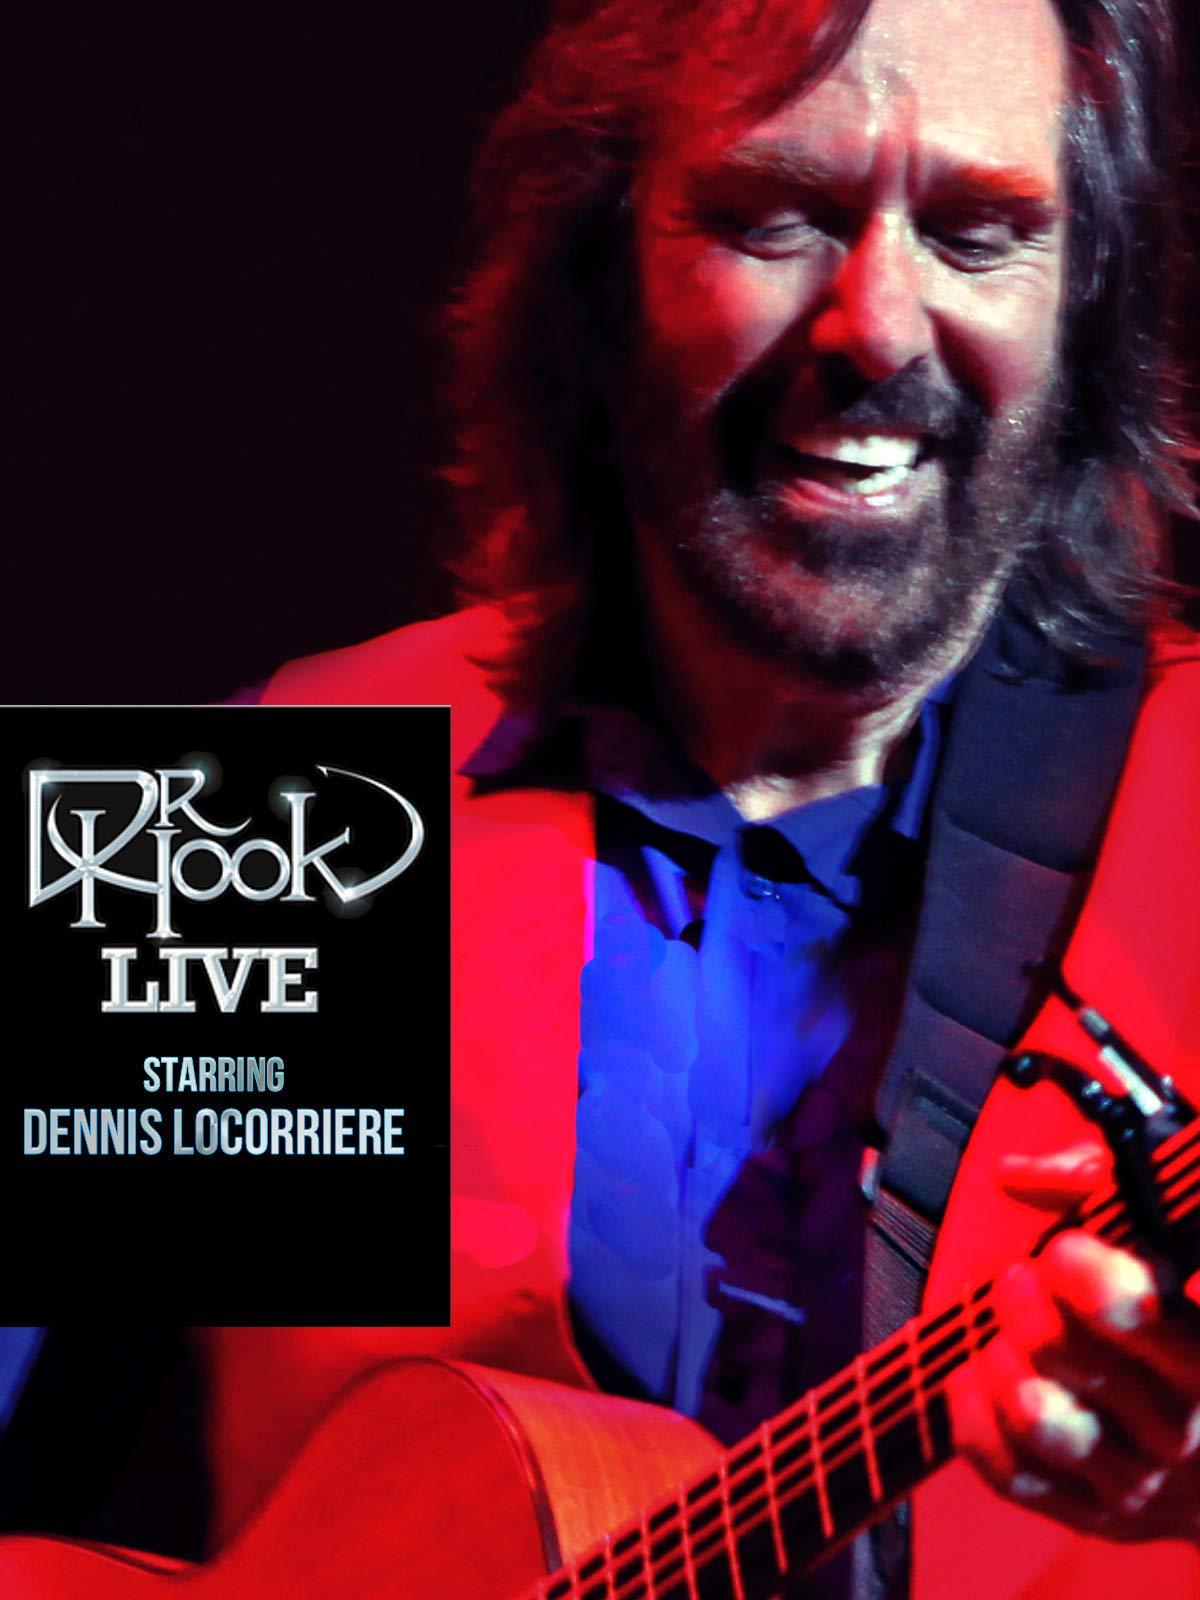 Dr. Hook Live starring Dennis Locorriere